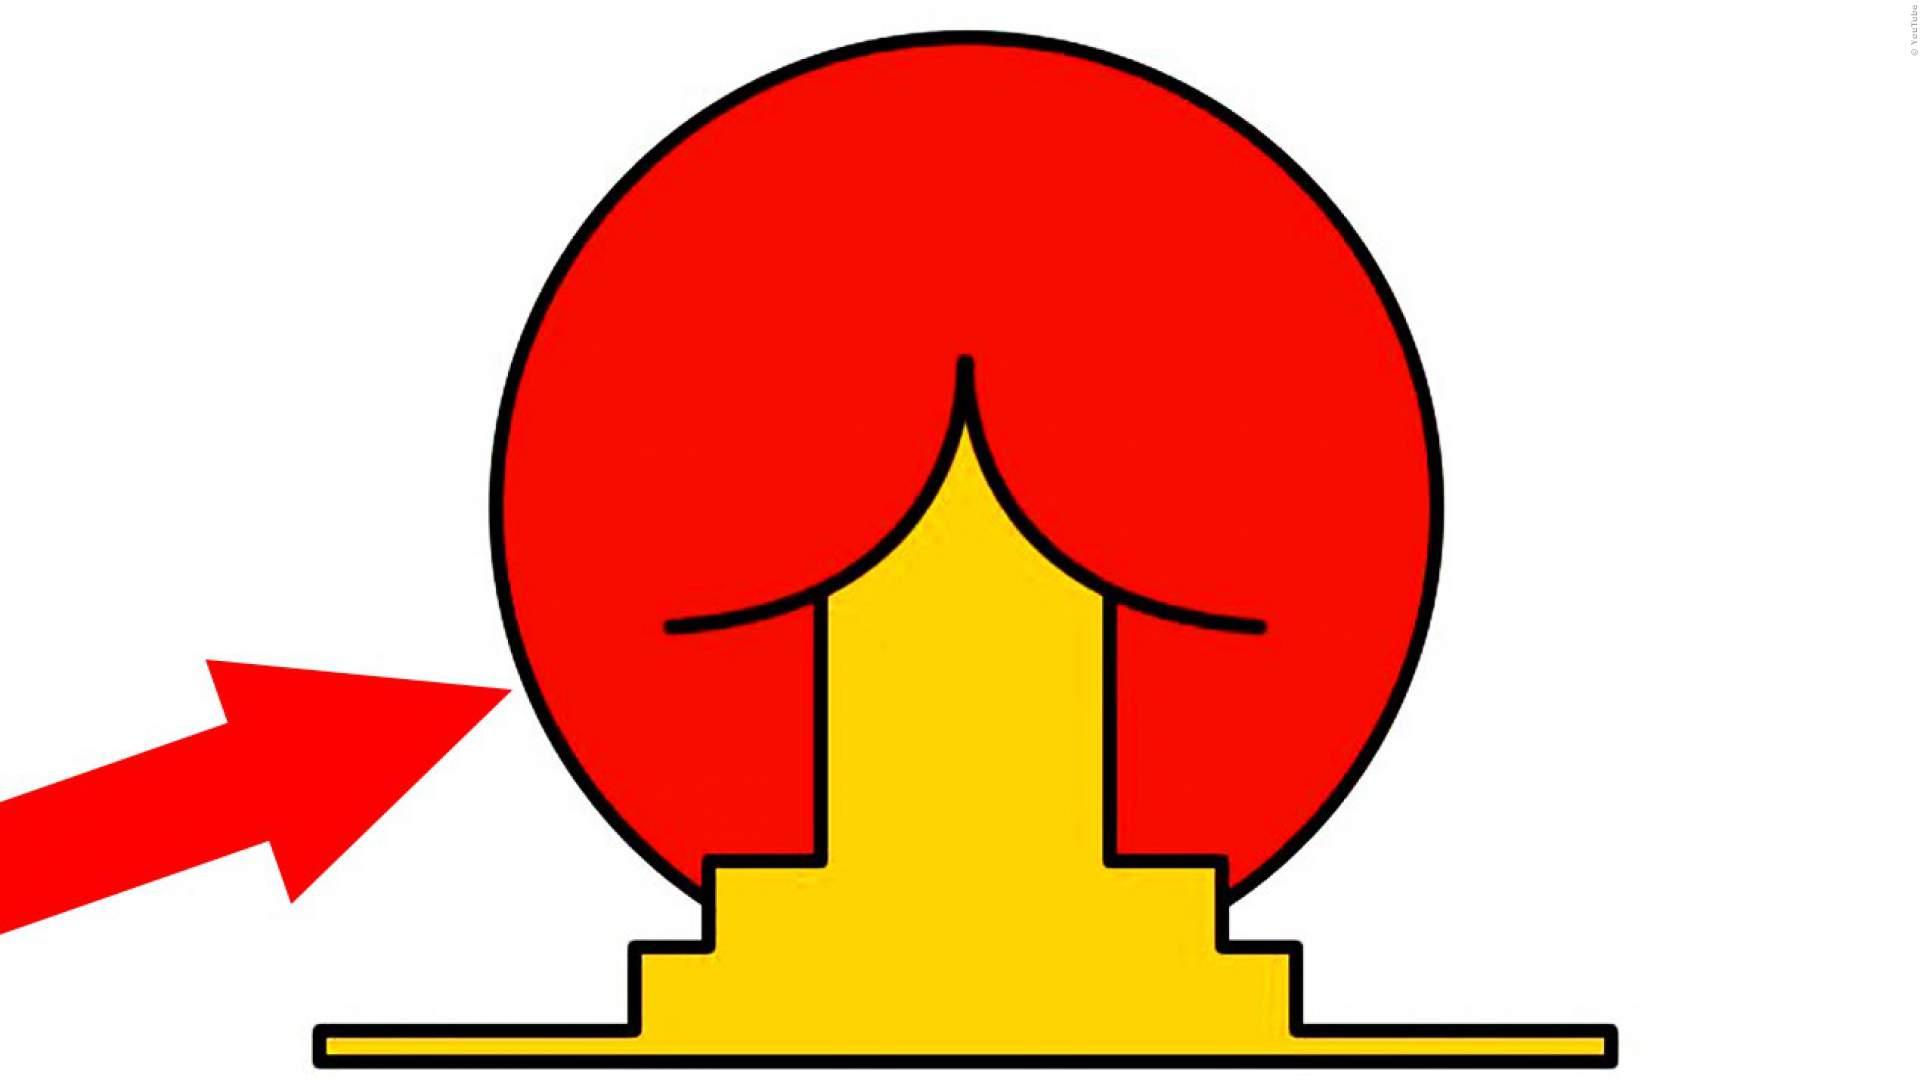 UNFASSBAR lustig: Das sind die dümmsten Logos der Welt